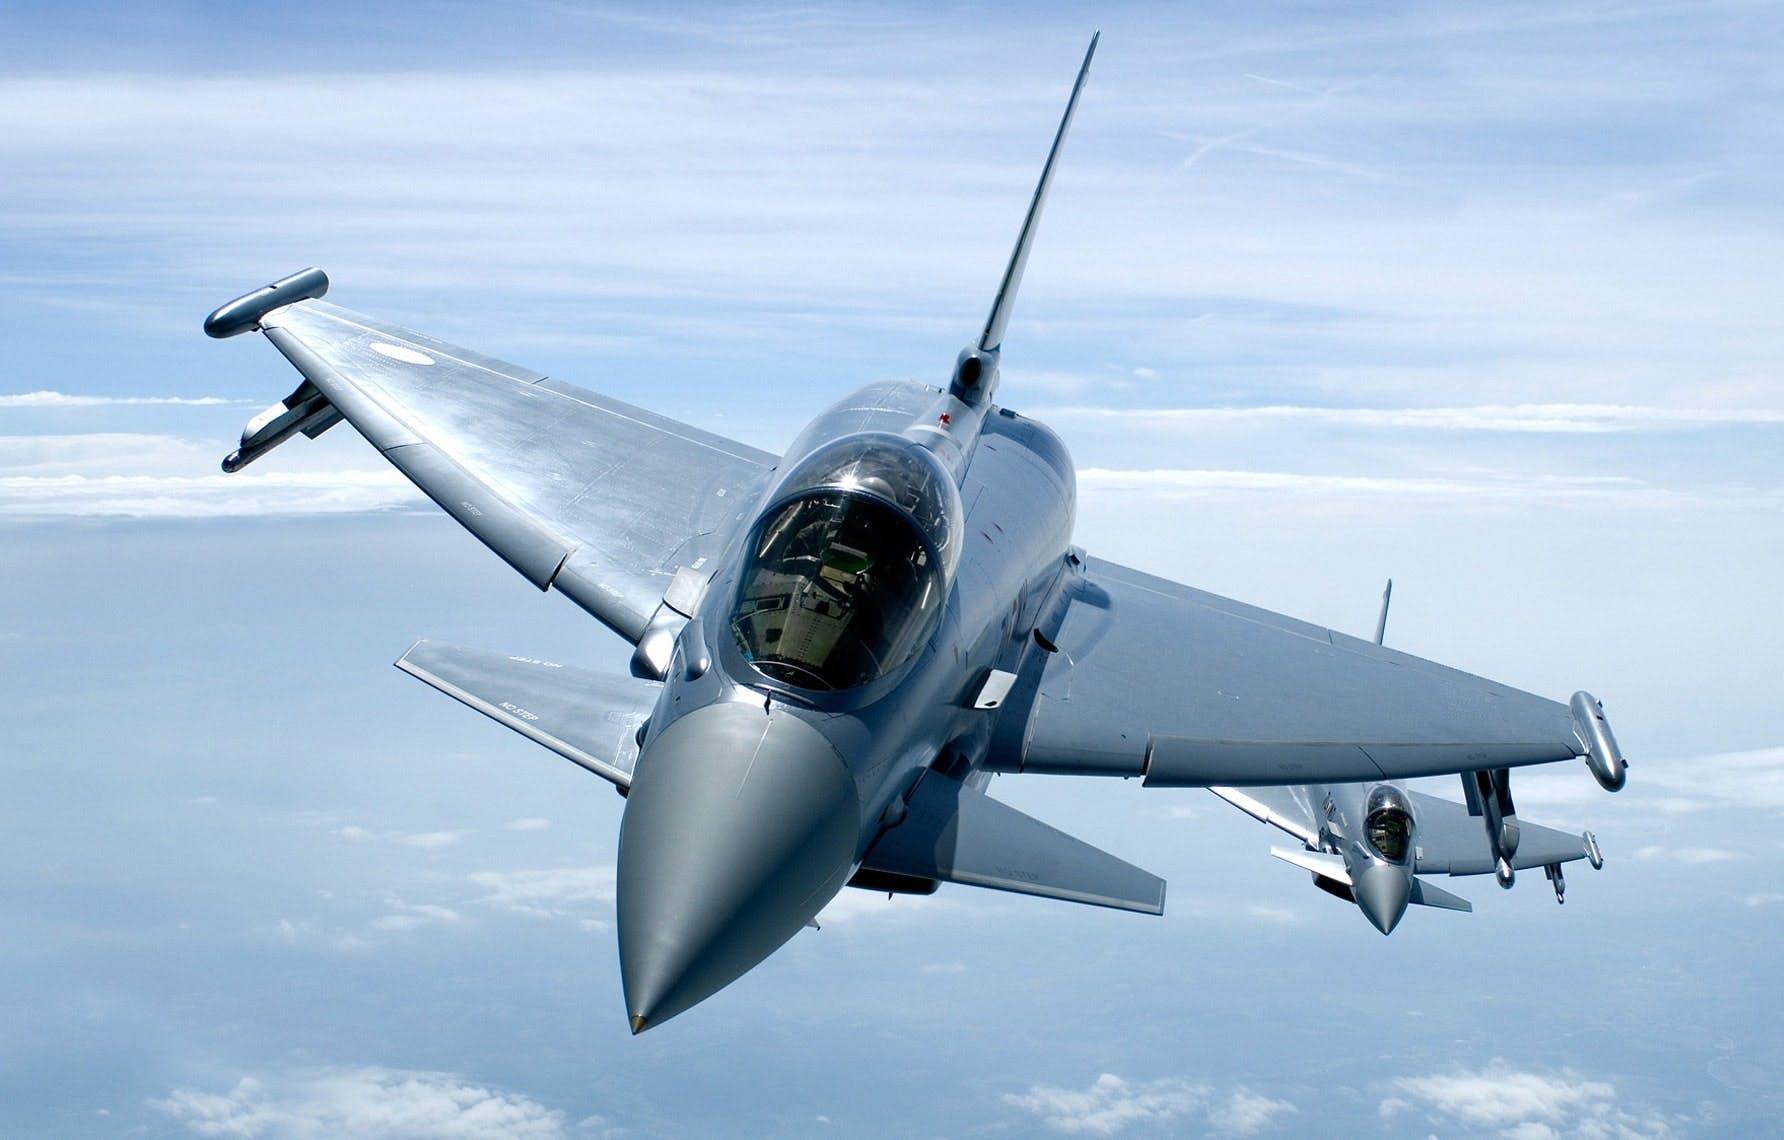 Eurofighter Typhoons new AESA RADAR starts system integration